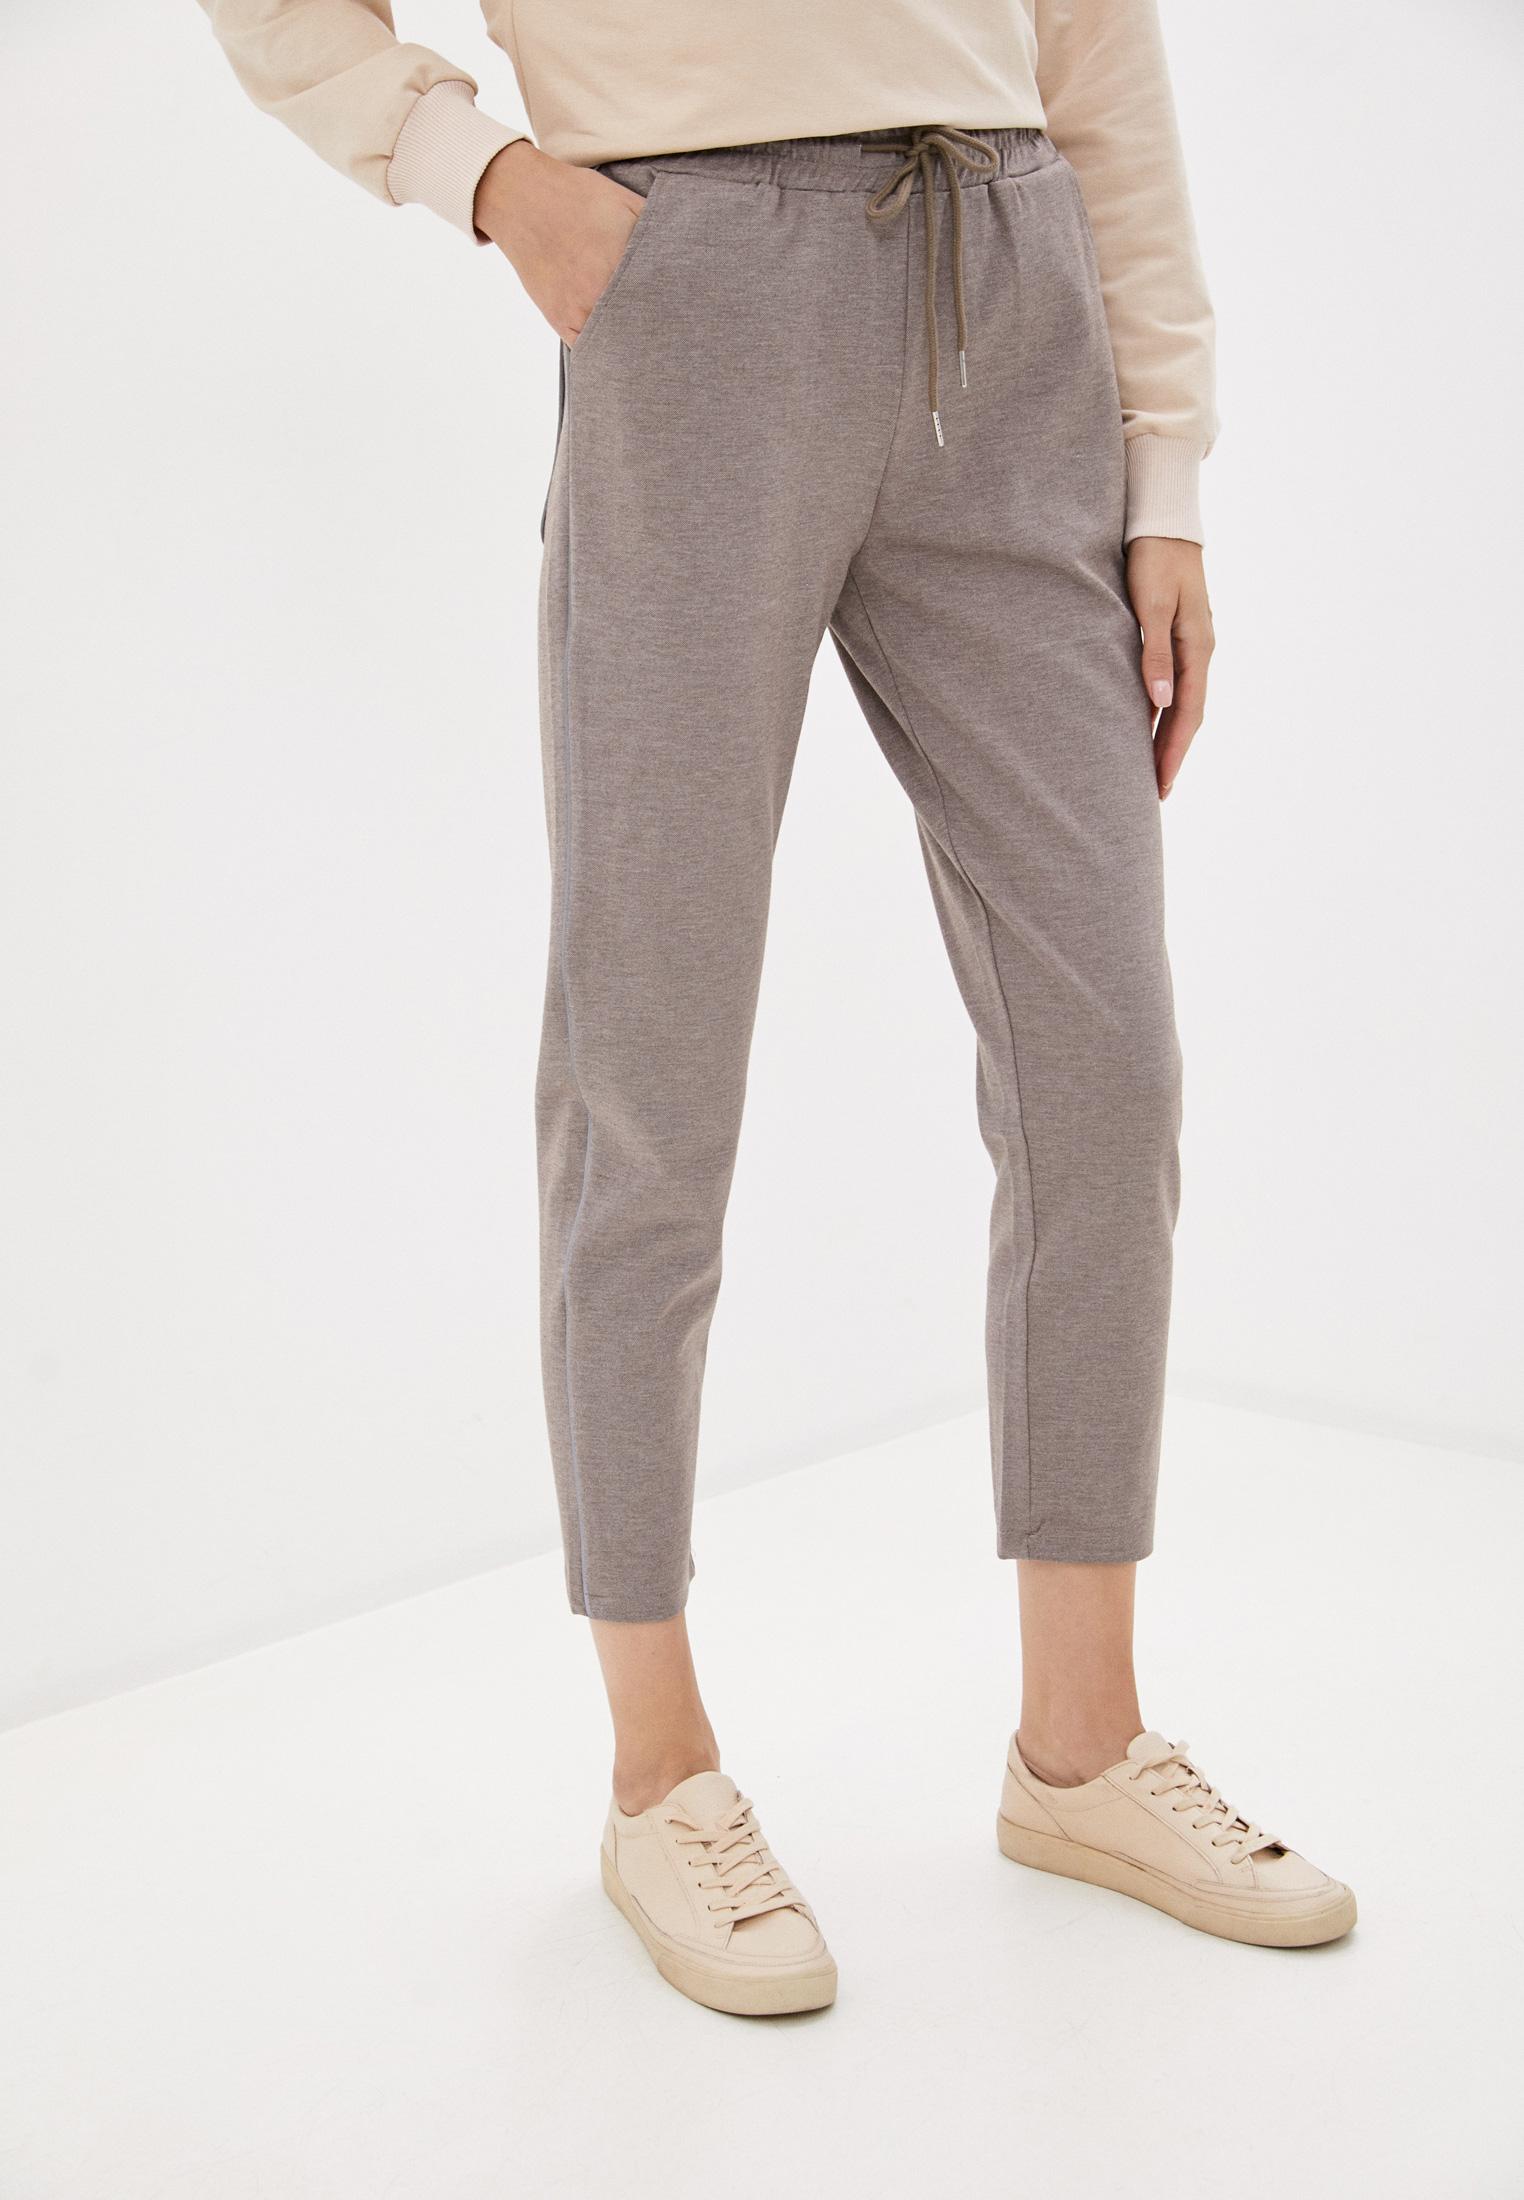 Женские спортивные брюки Diverius 8808